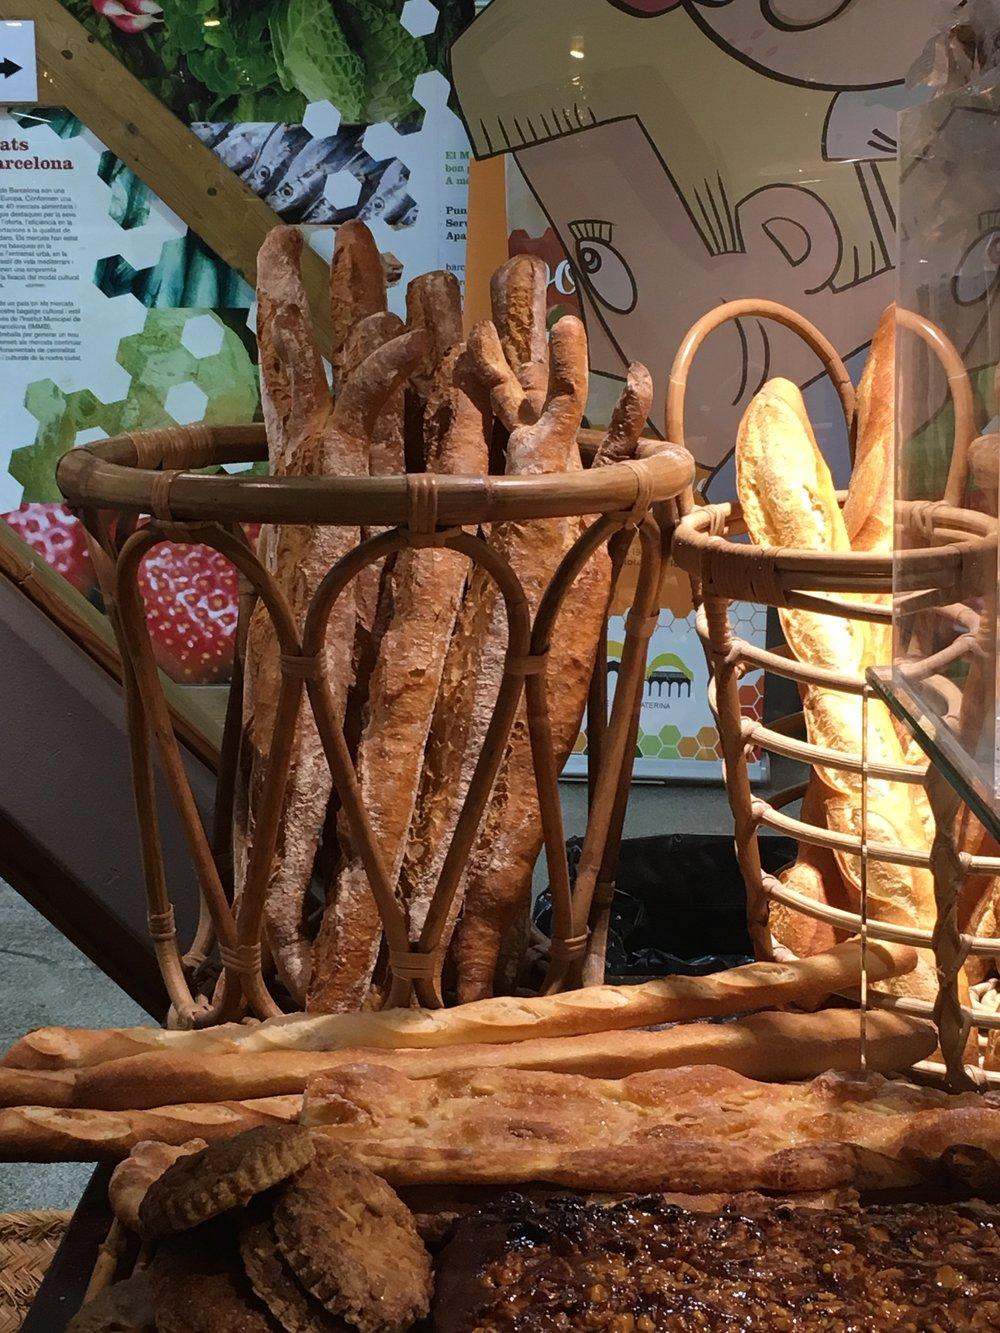 A bakery in the Santa Caterina market